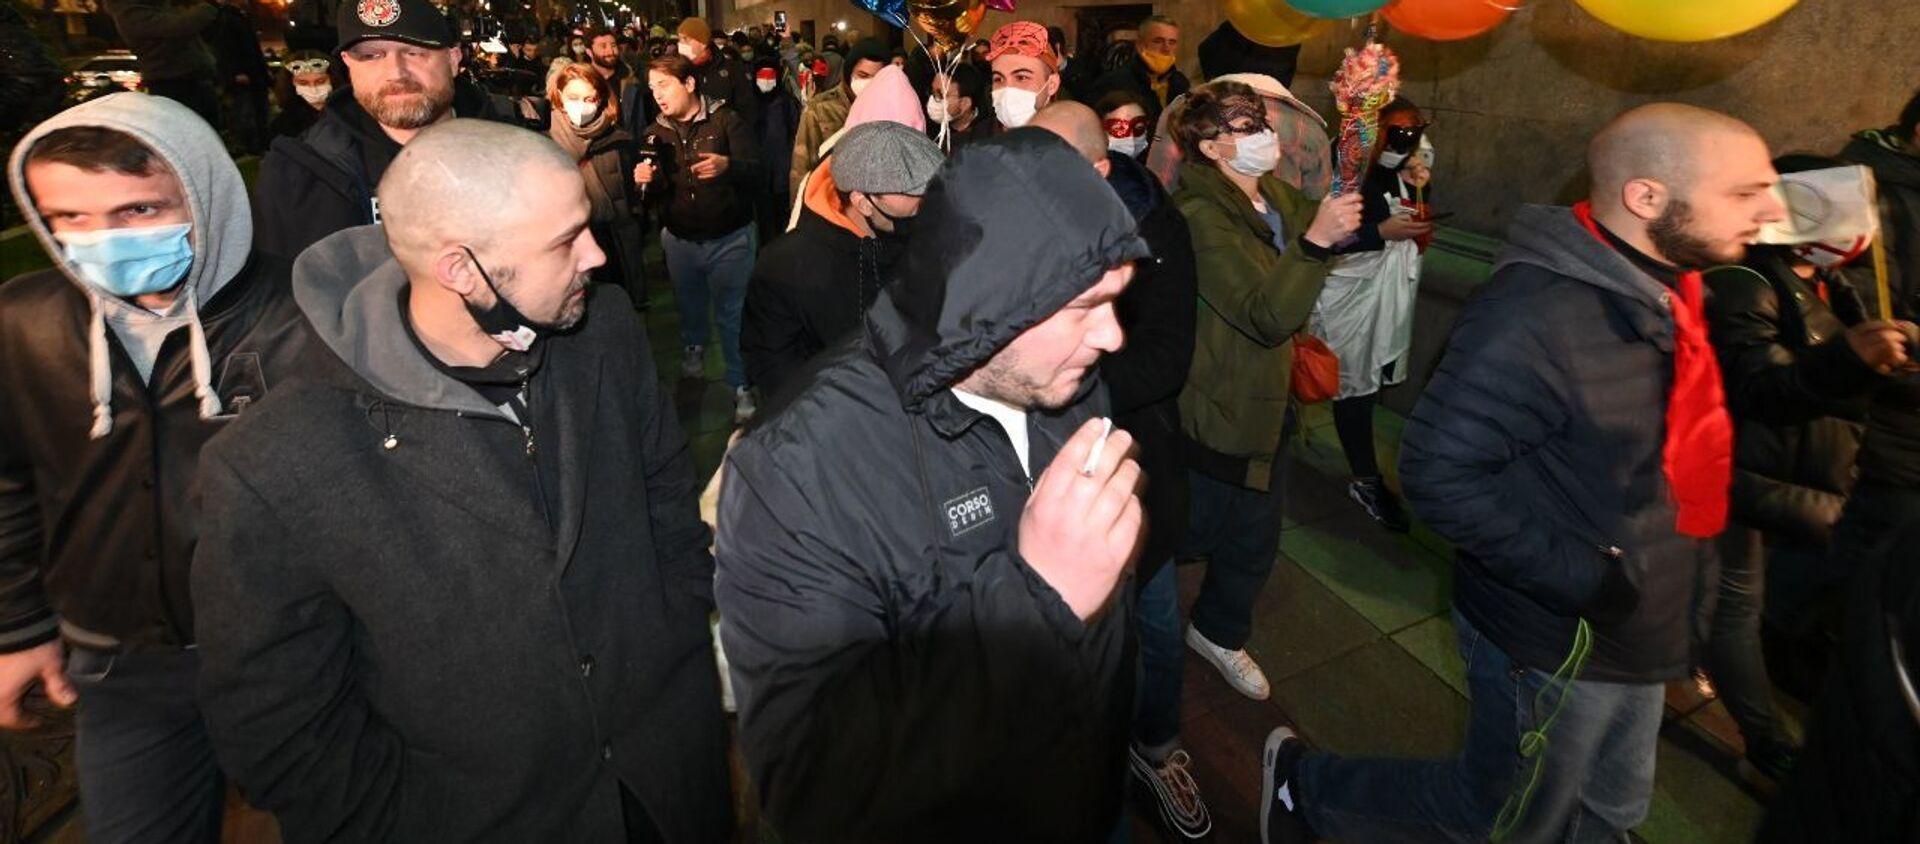 Шествие против ковид-ограничений по проспекту Руставели 6 февраля 2021 года - Sputnik Грузия, 1920, 06.02.2021